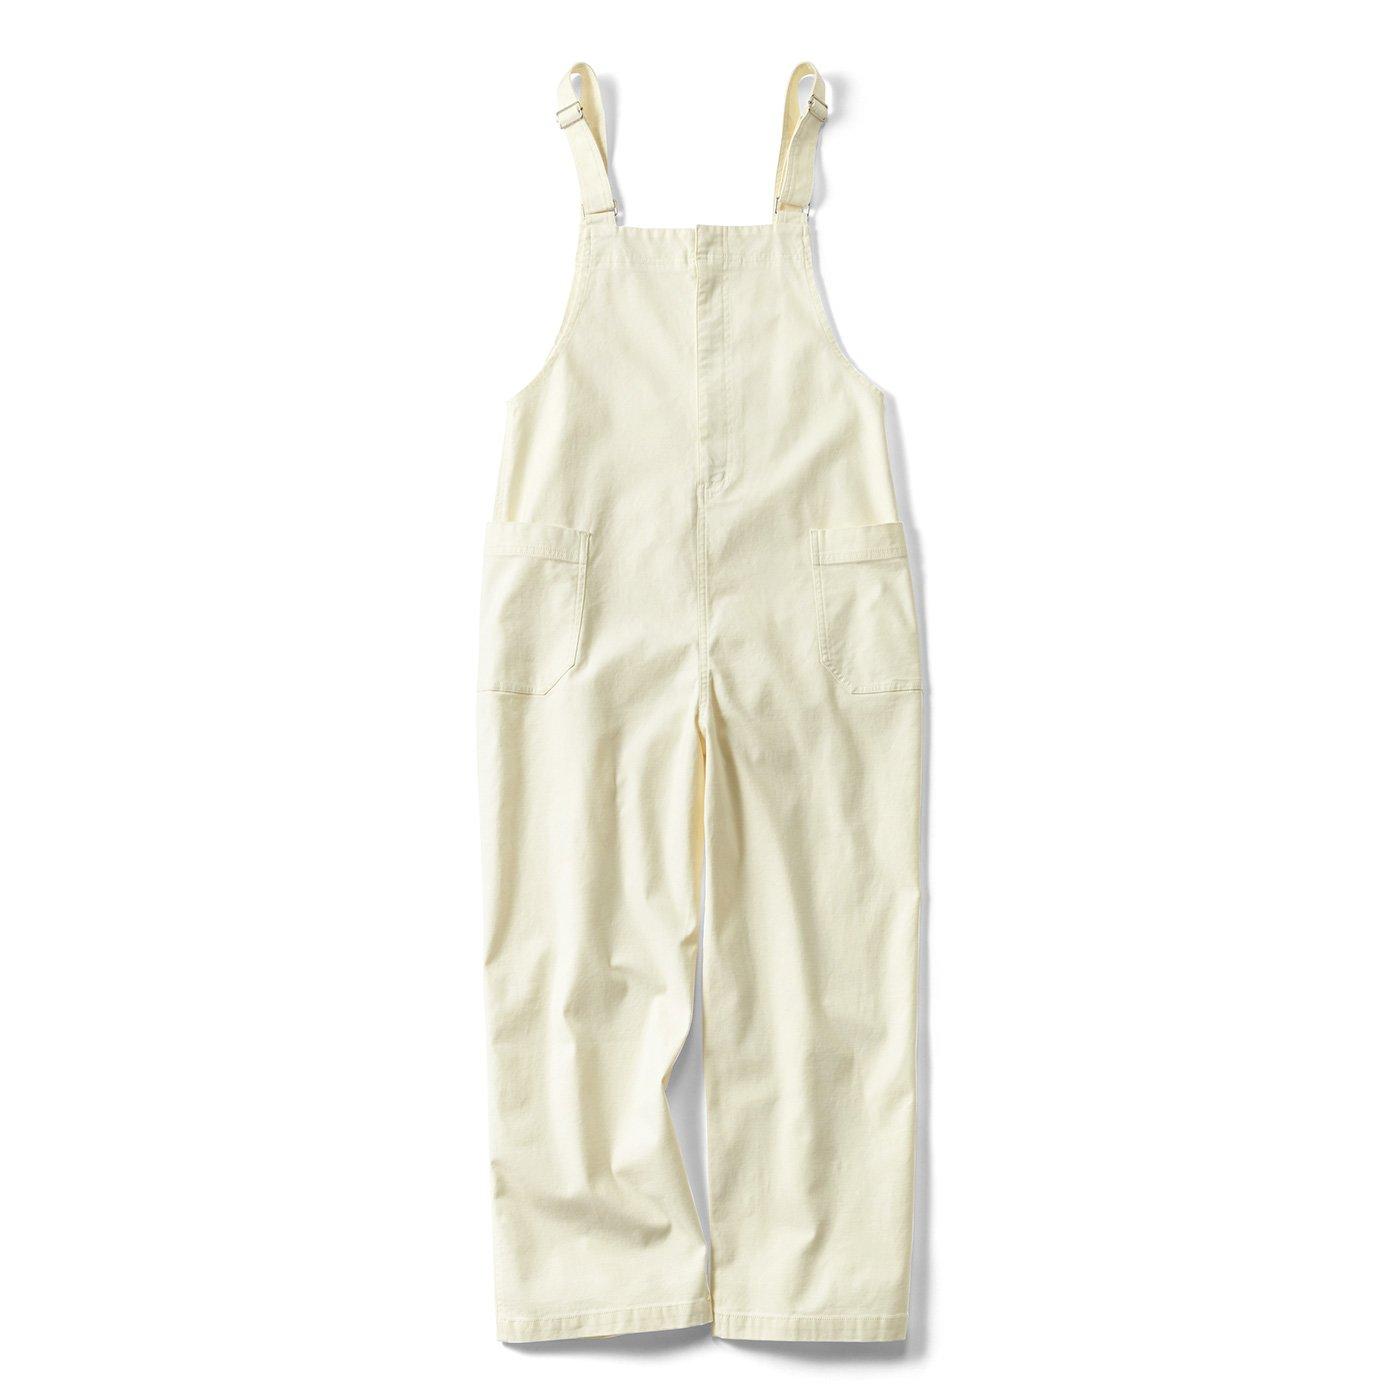 リブ イン コンフォート ワンピース感覚で着られる 大人のカジュアルサロペット〈オフホワイト〉